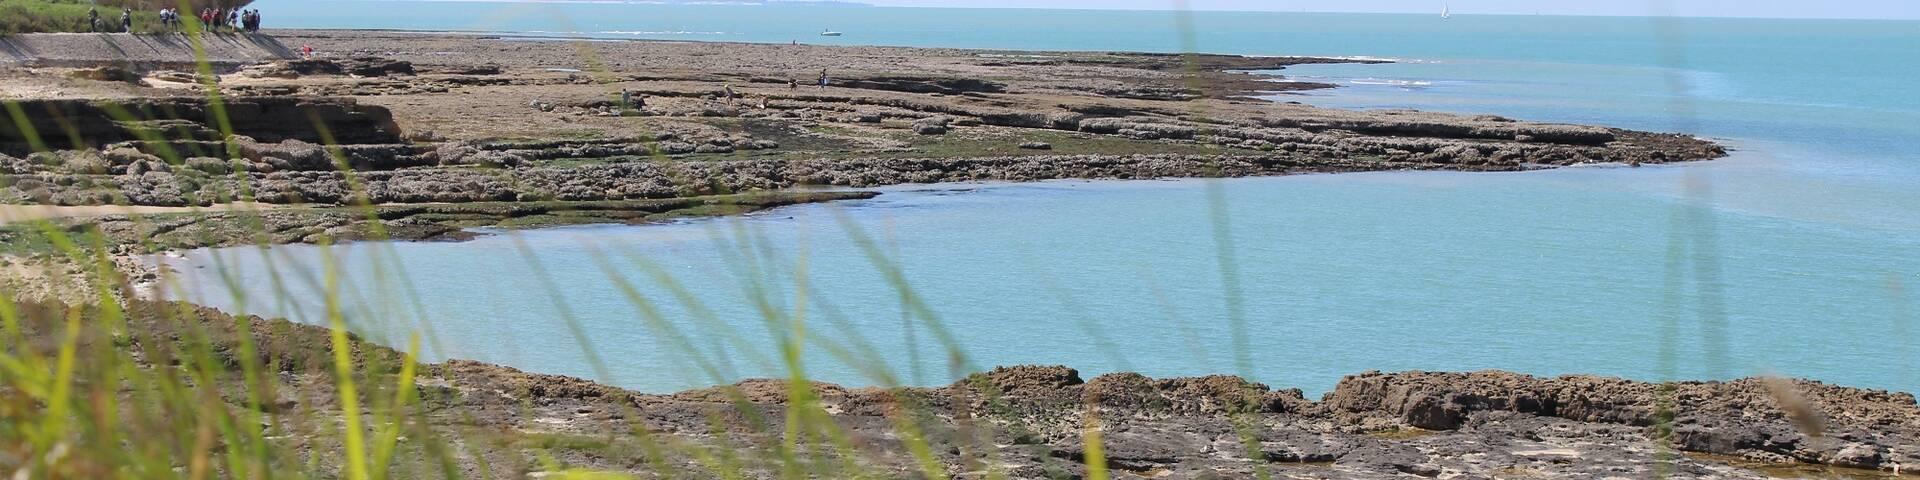 Vue de la côte sur l'île d'Oléron